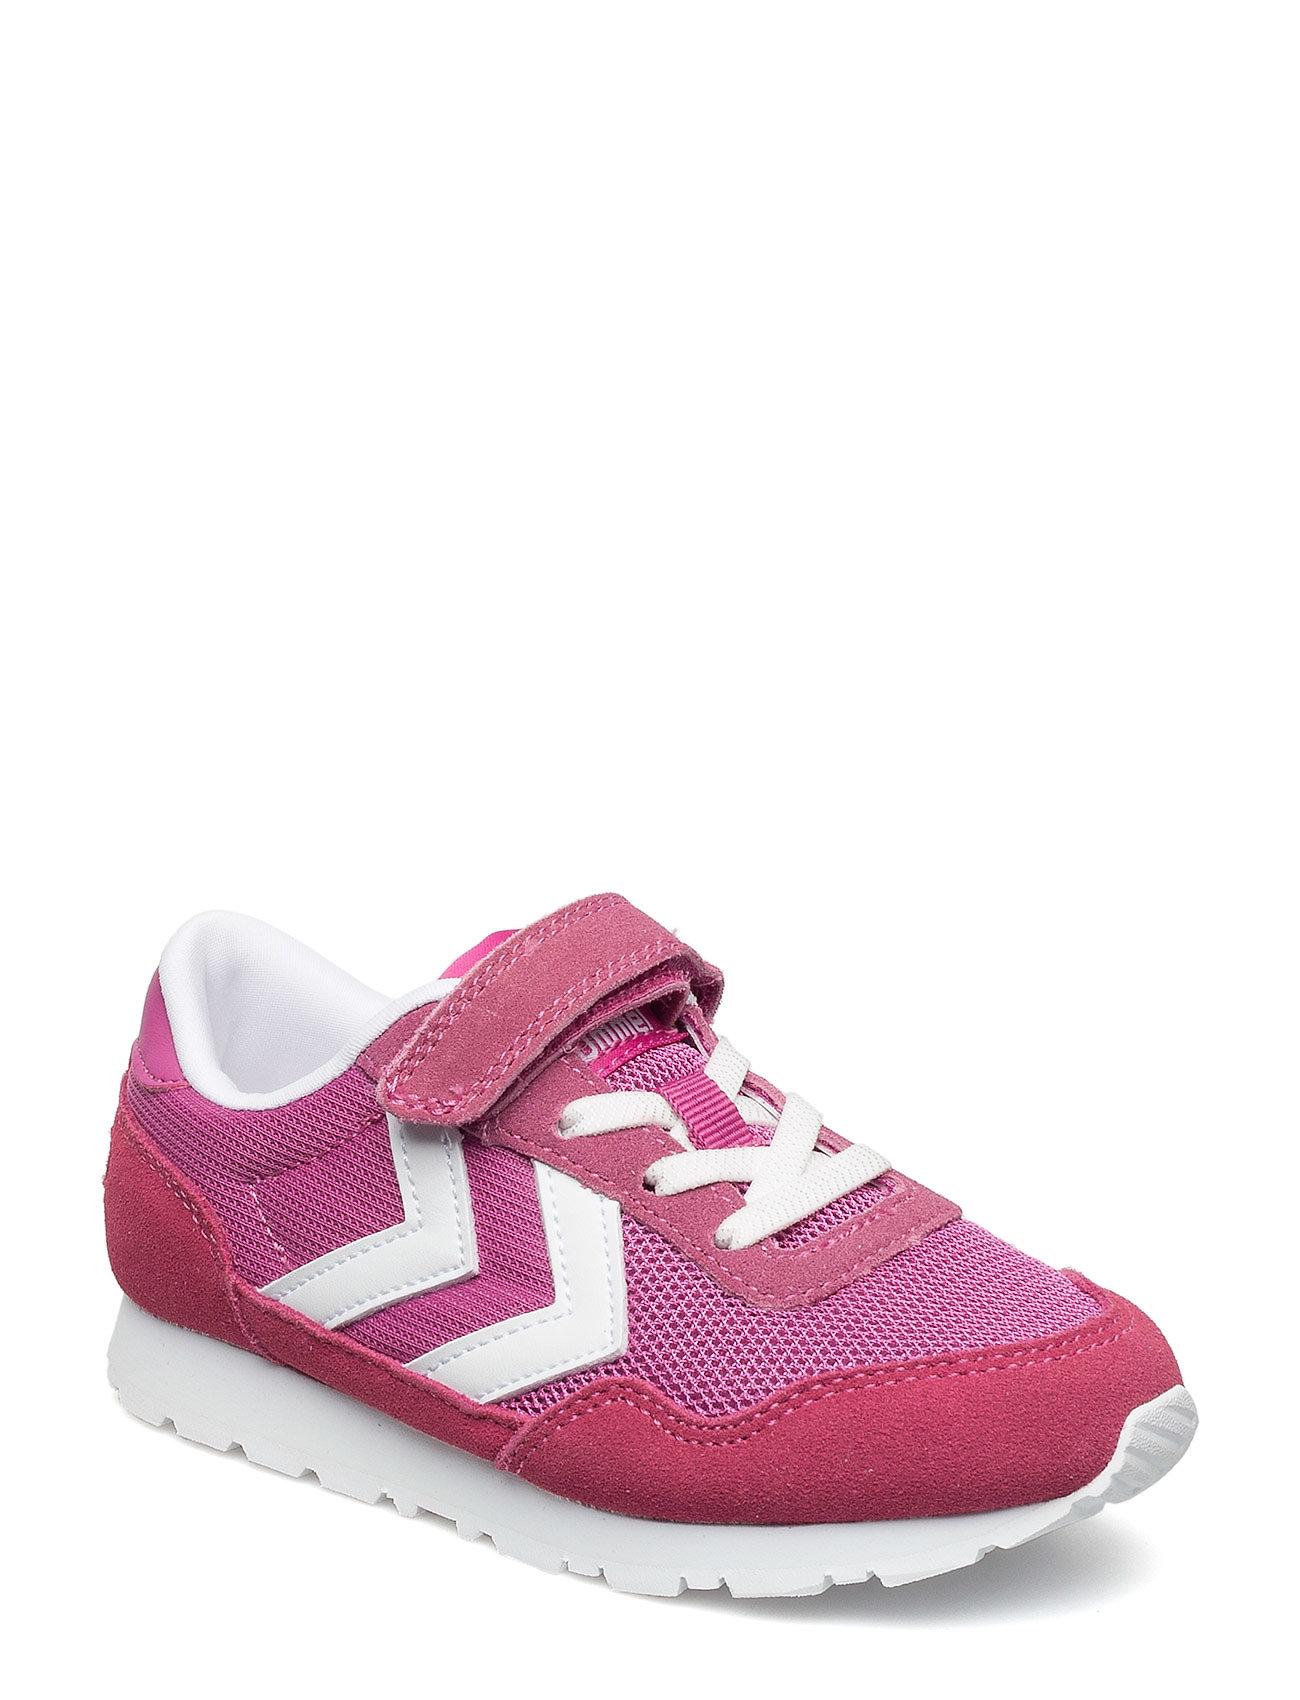 Reflex Sport Jr Hummel Sko & Sneakers til Børn i